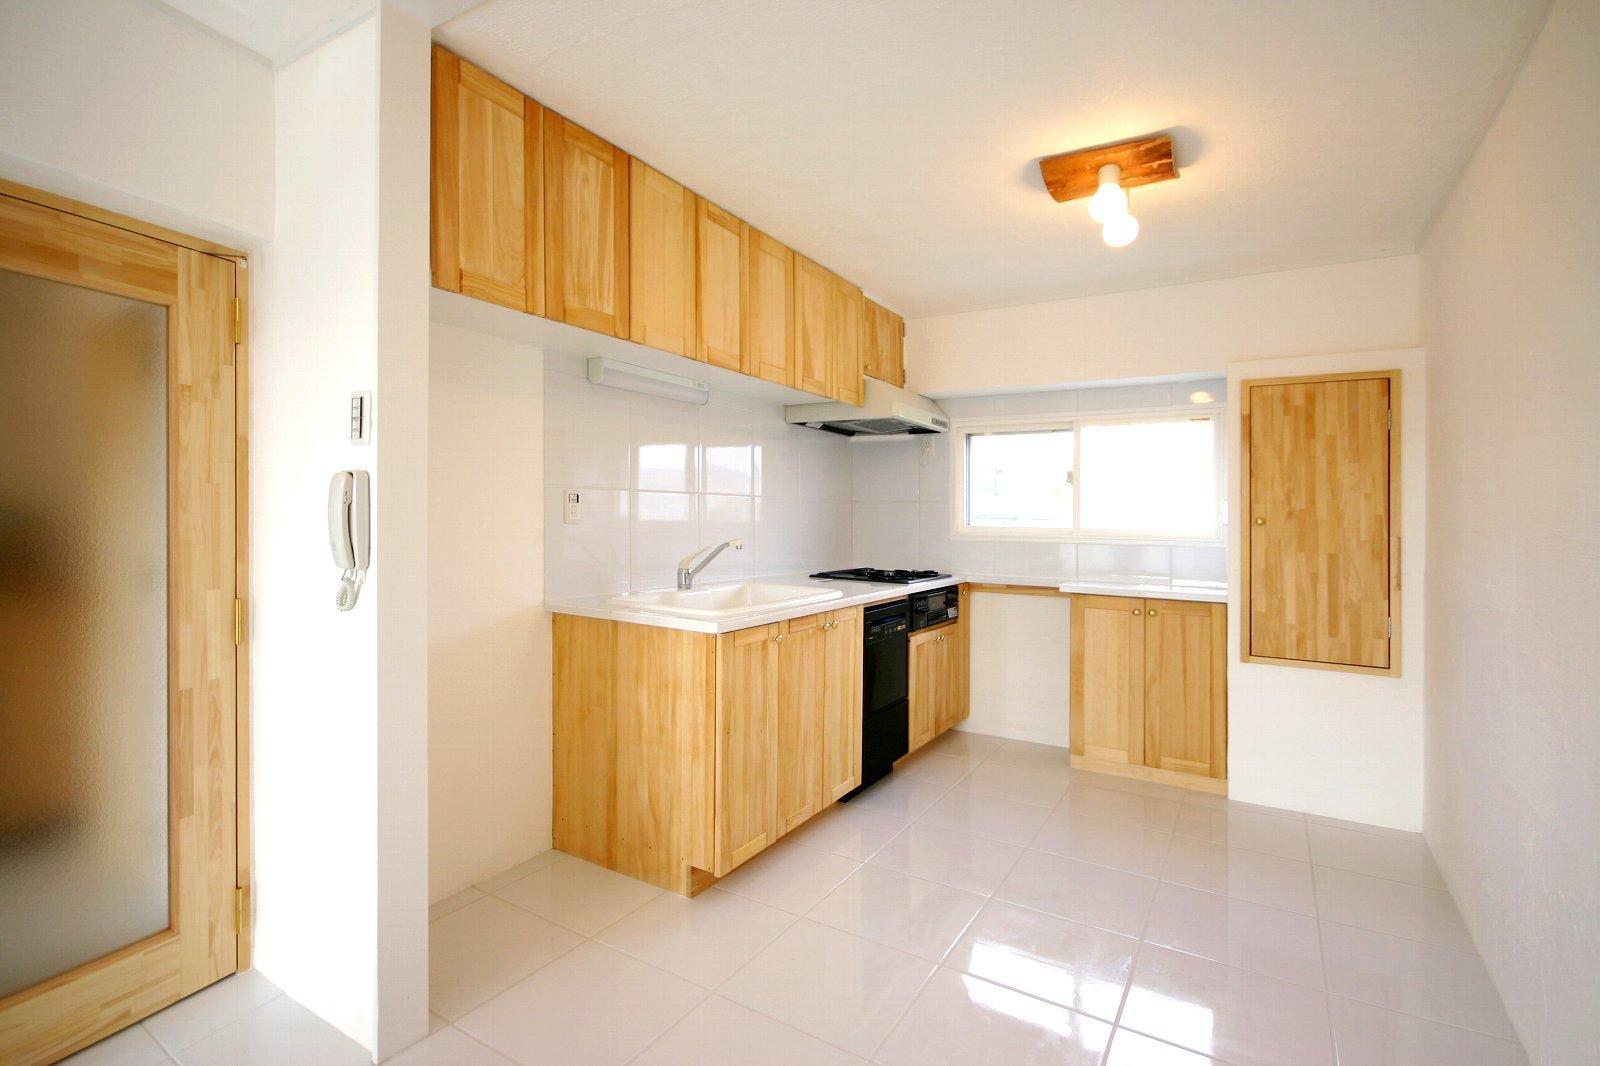 宝松苑の部屋 広々とした木を感じるキッチン